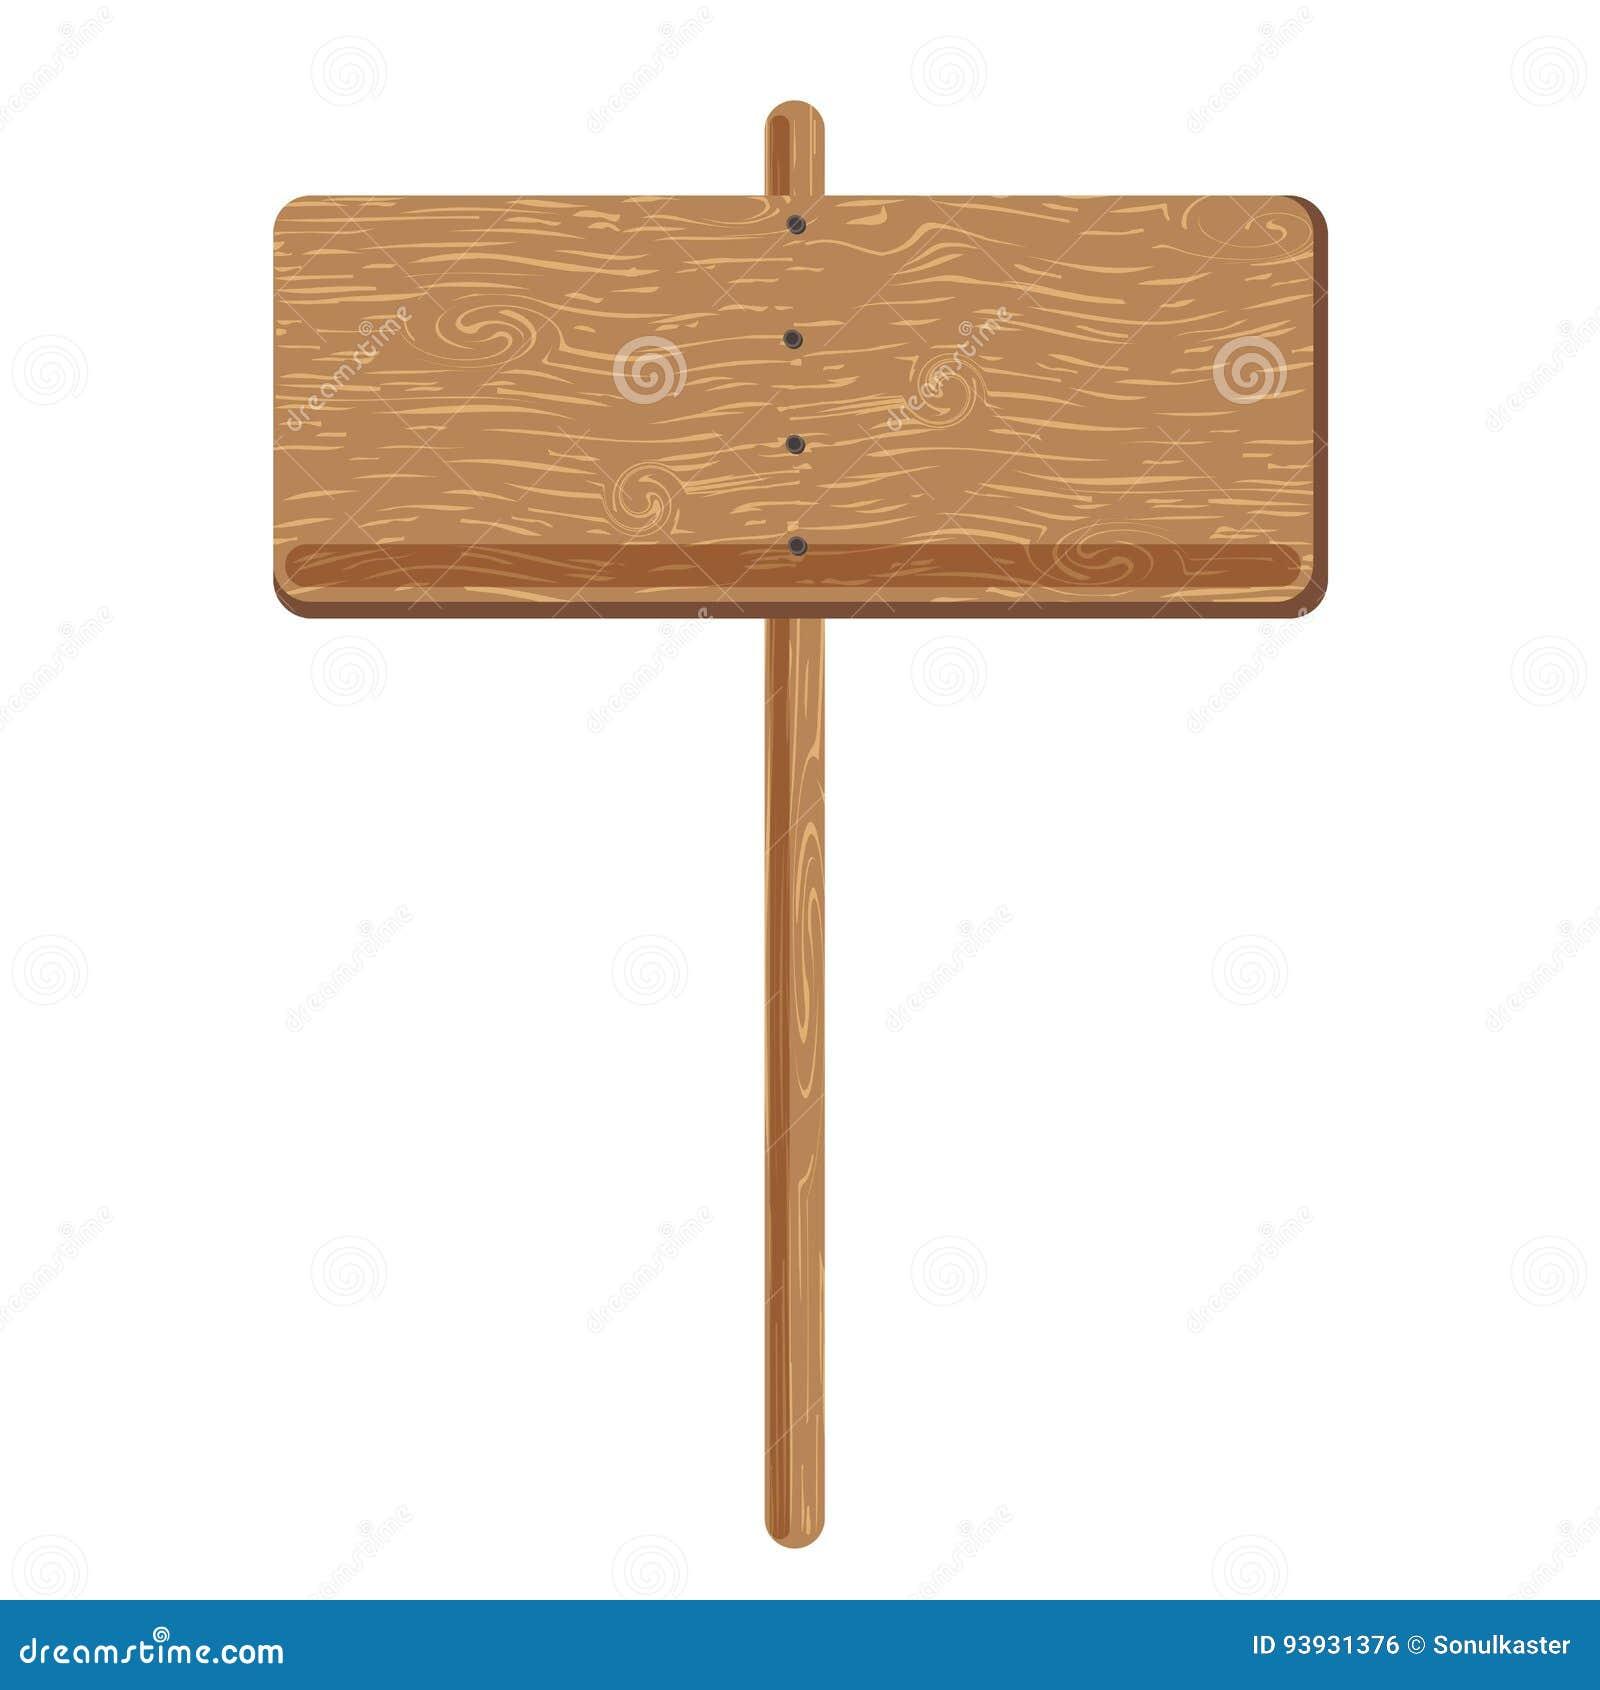 Bord do signage ou ícone de madeira do vetor do polo do sinal de propaganda